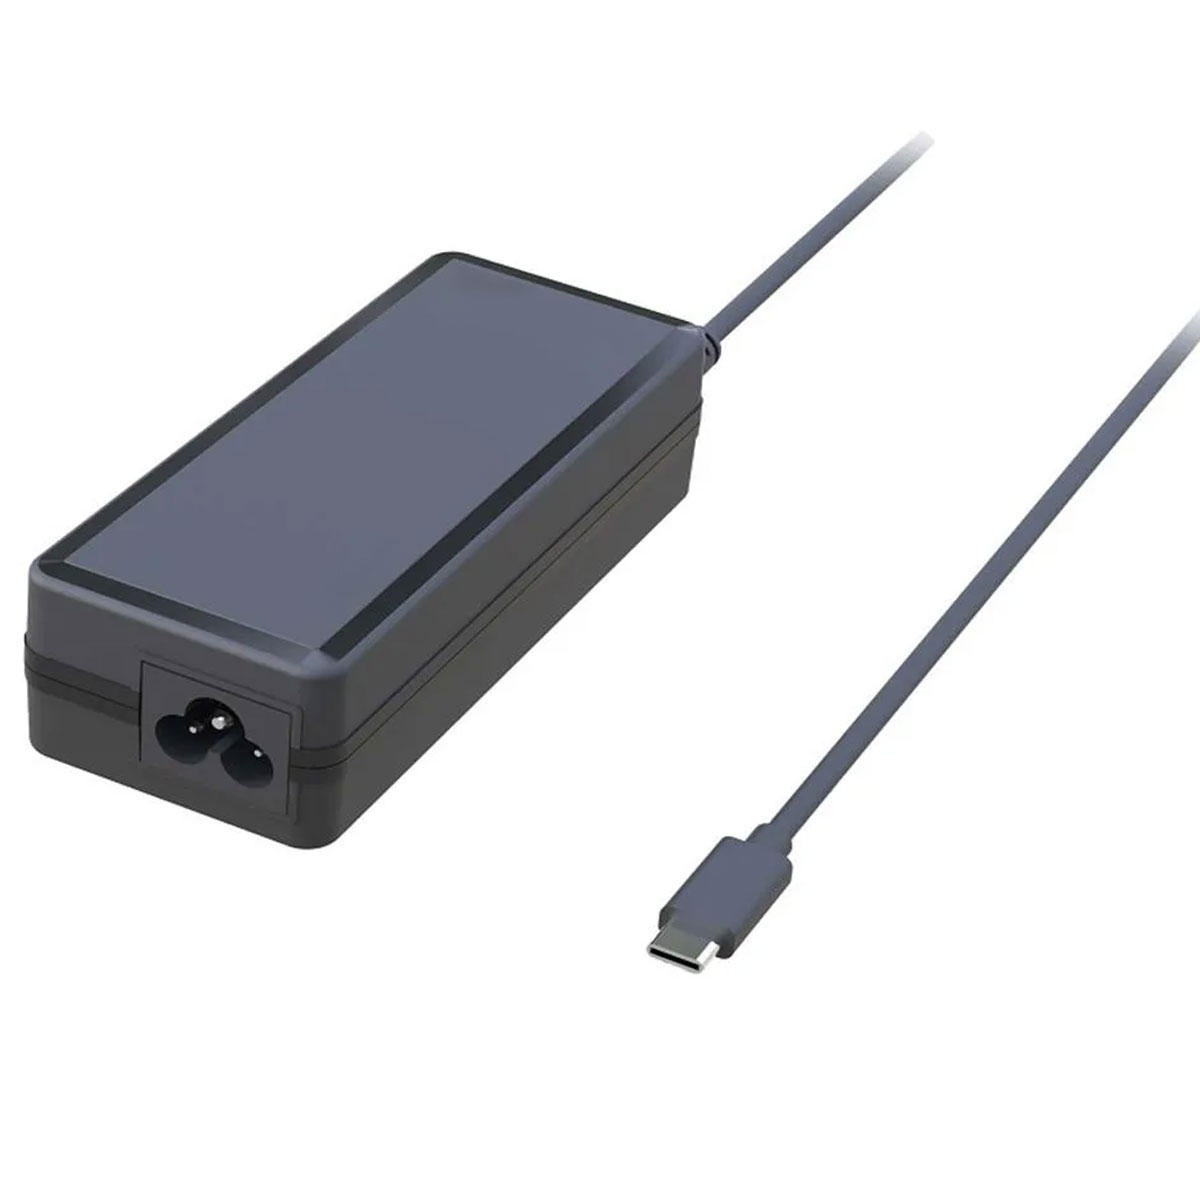 Fonte Raspberry Pi 4 5V 3A Tipo Mesa com botão liga/desliga Usb Tipo C